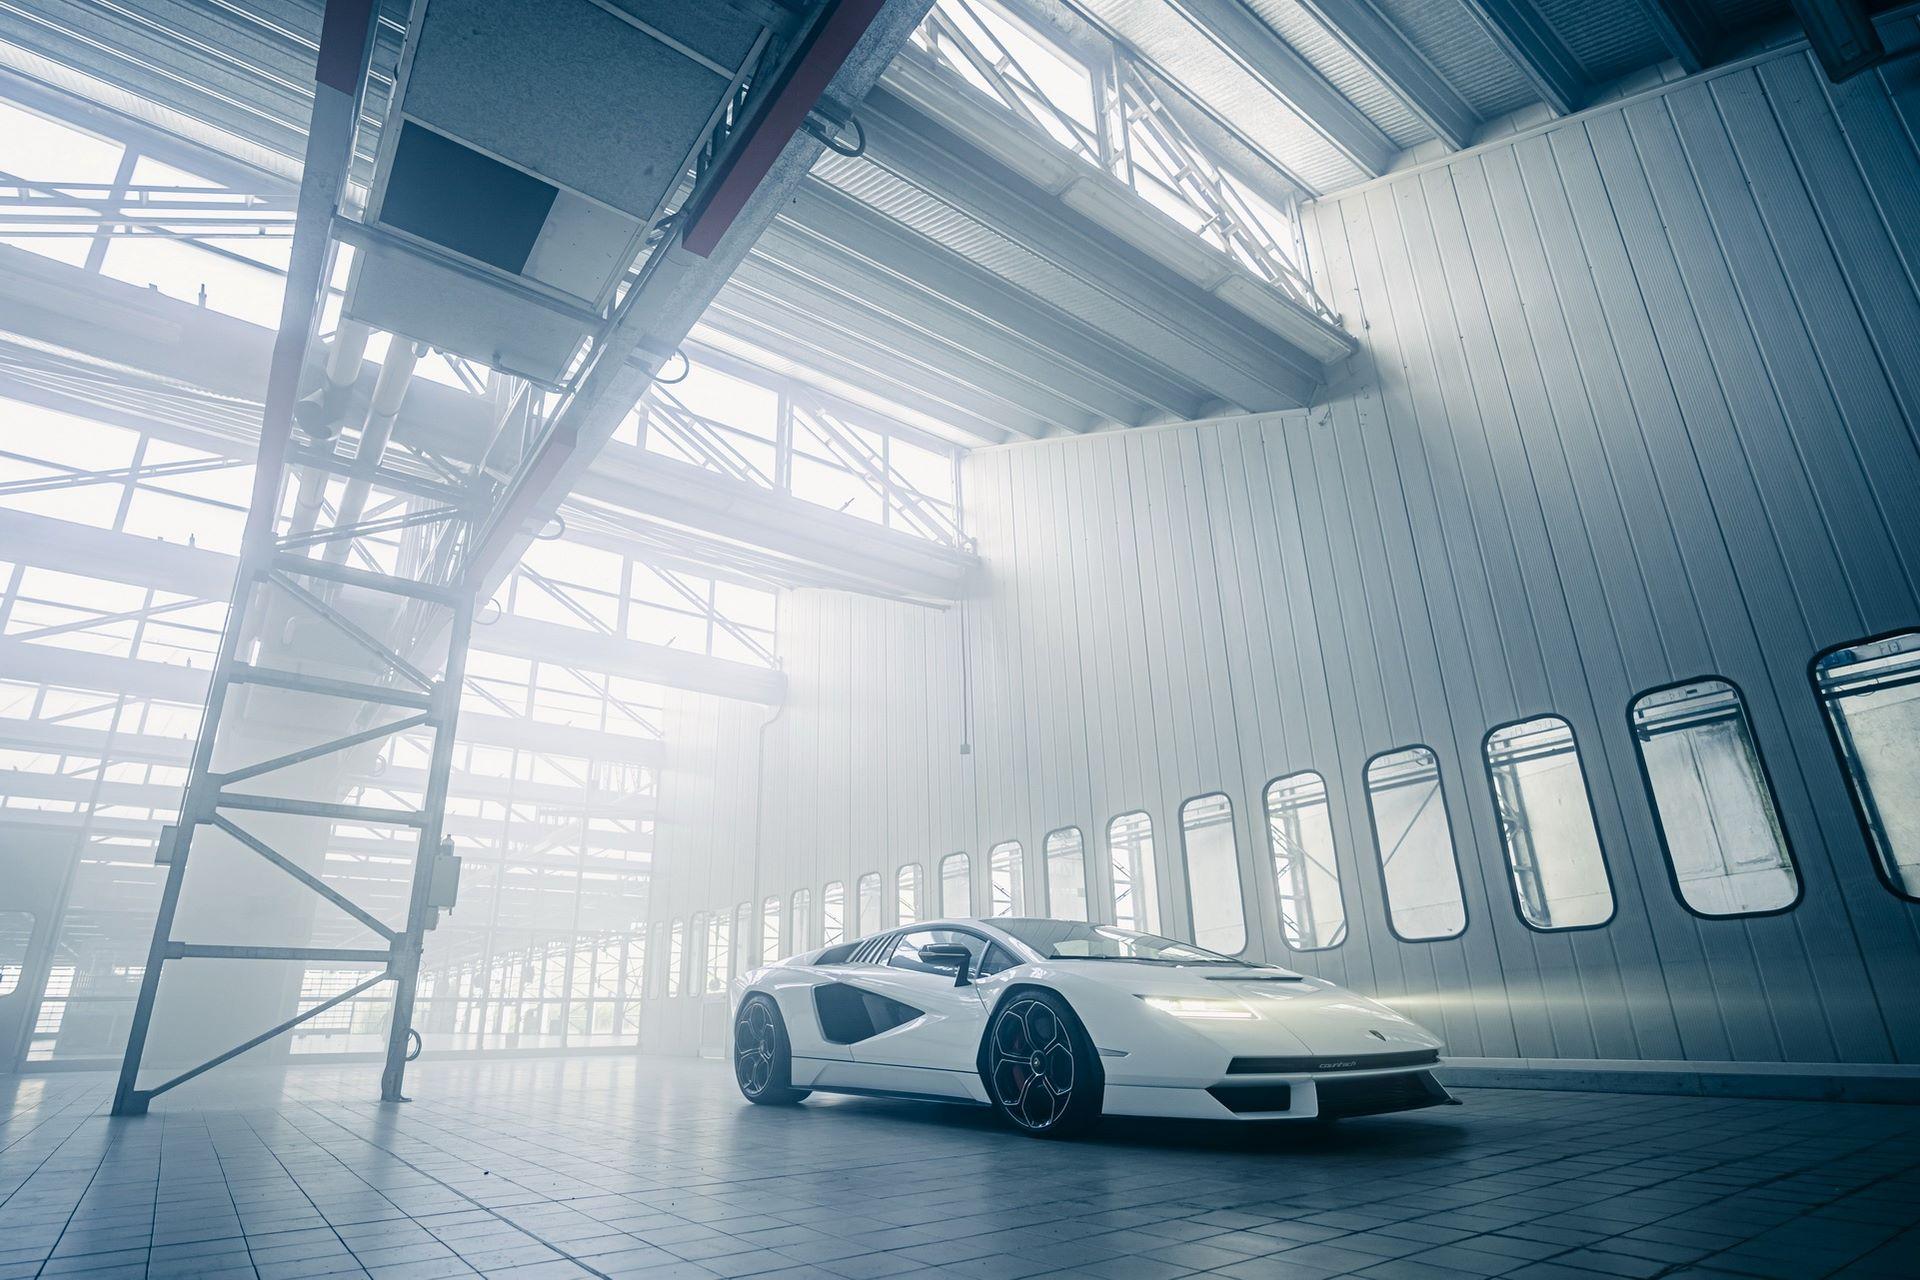 Lamborghini-Countach-LPI-800-4-55